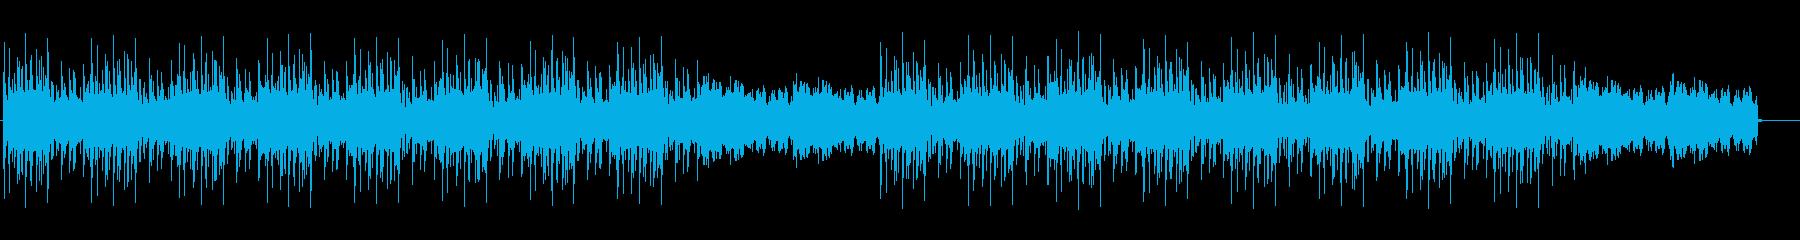 幻想的な音と土着的なリズムの再生済みの波形